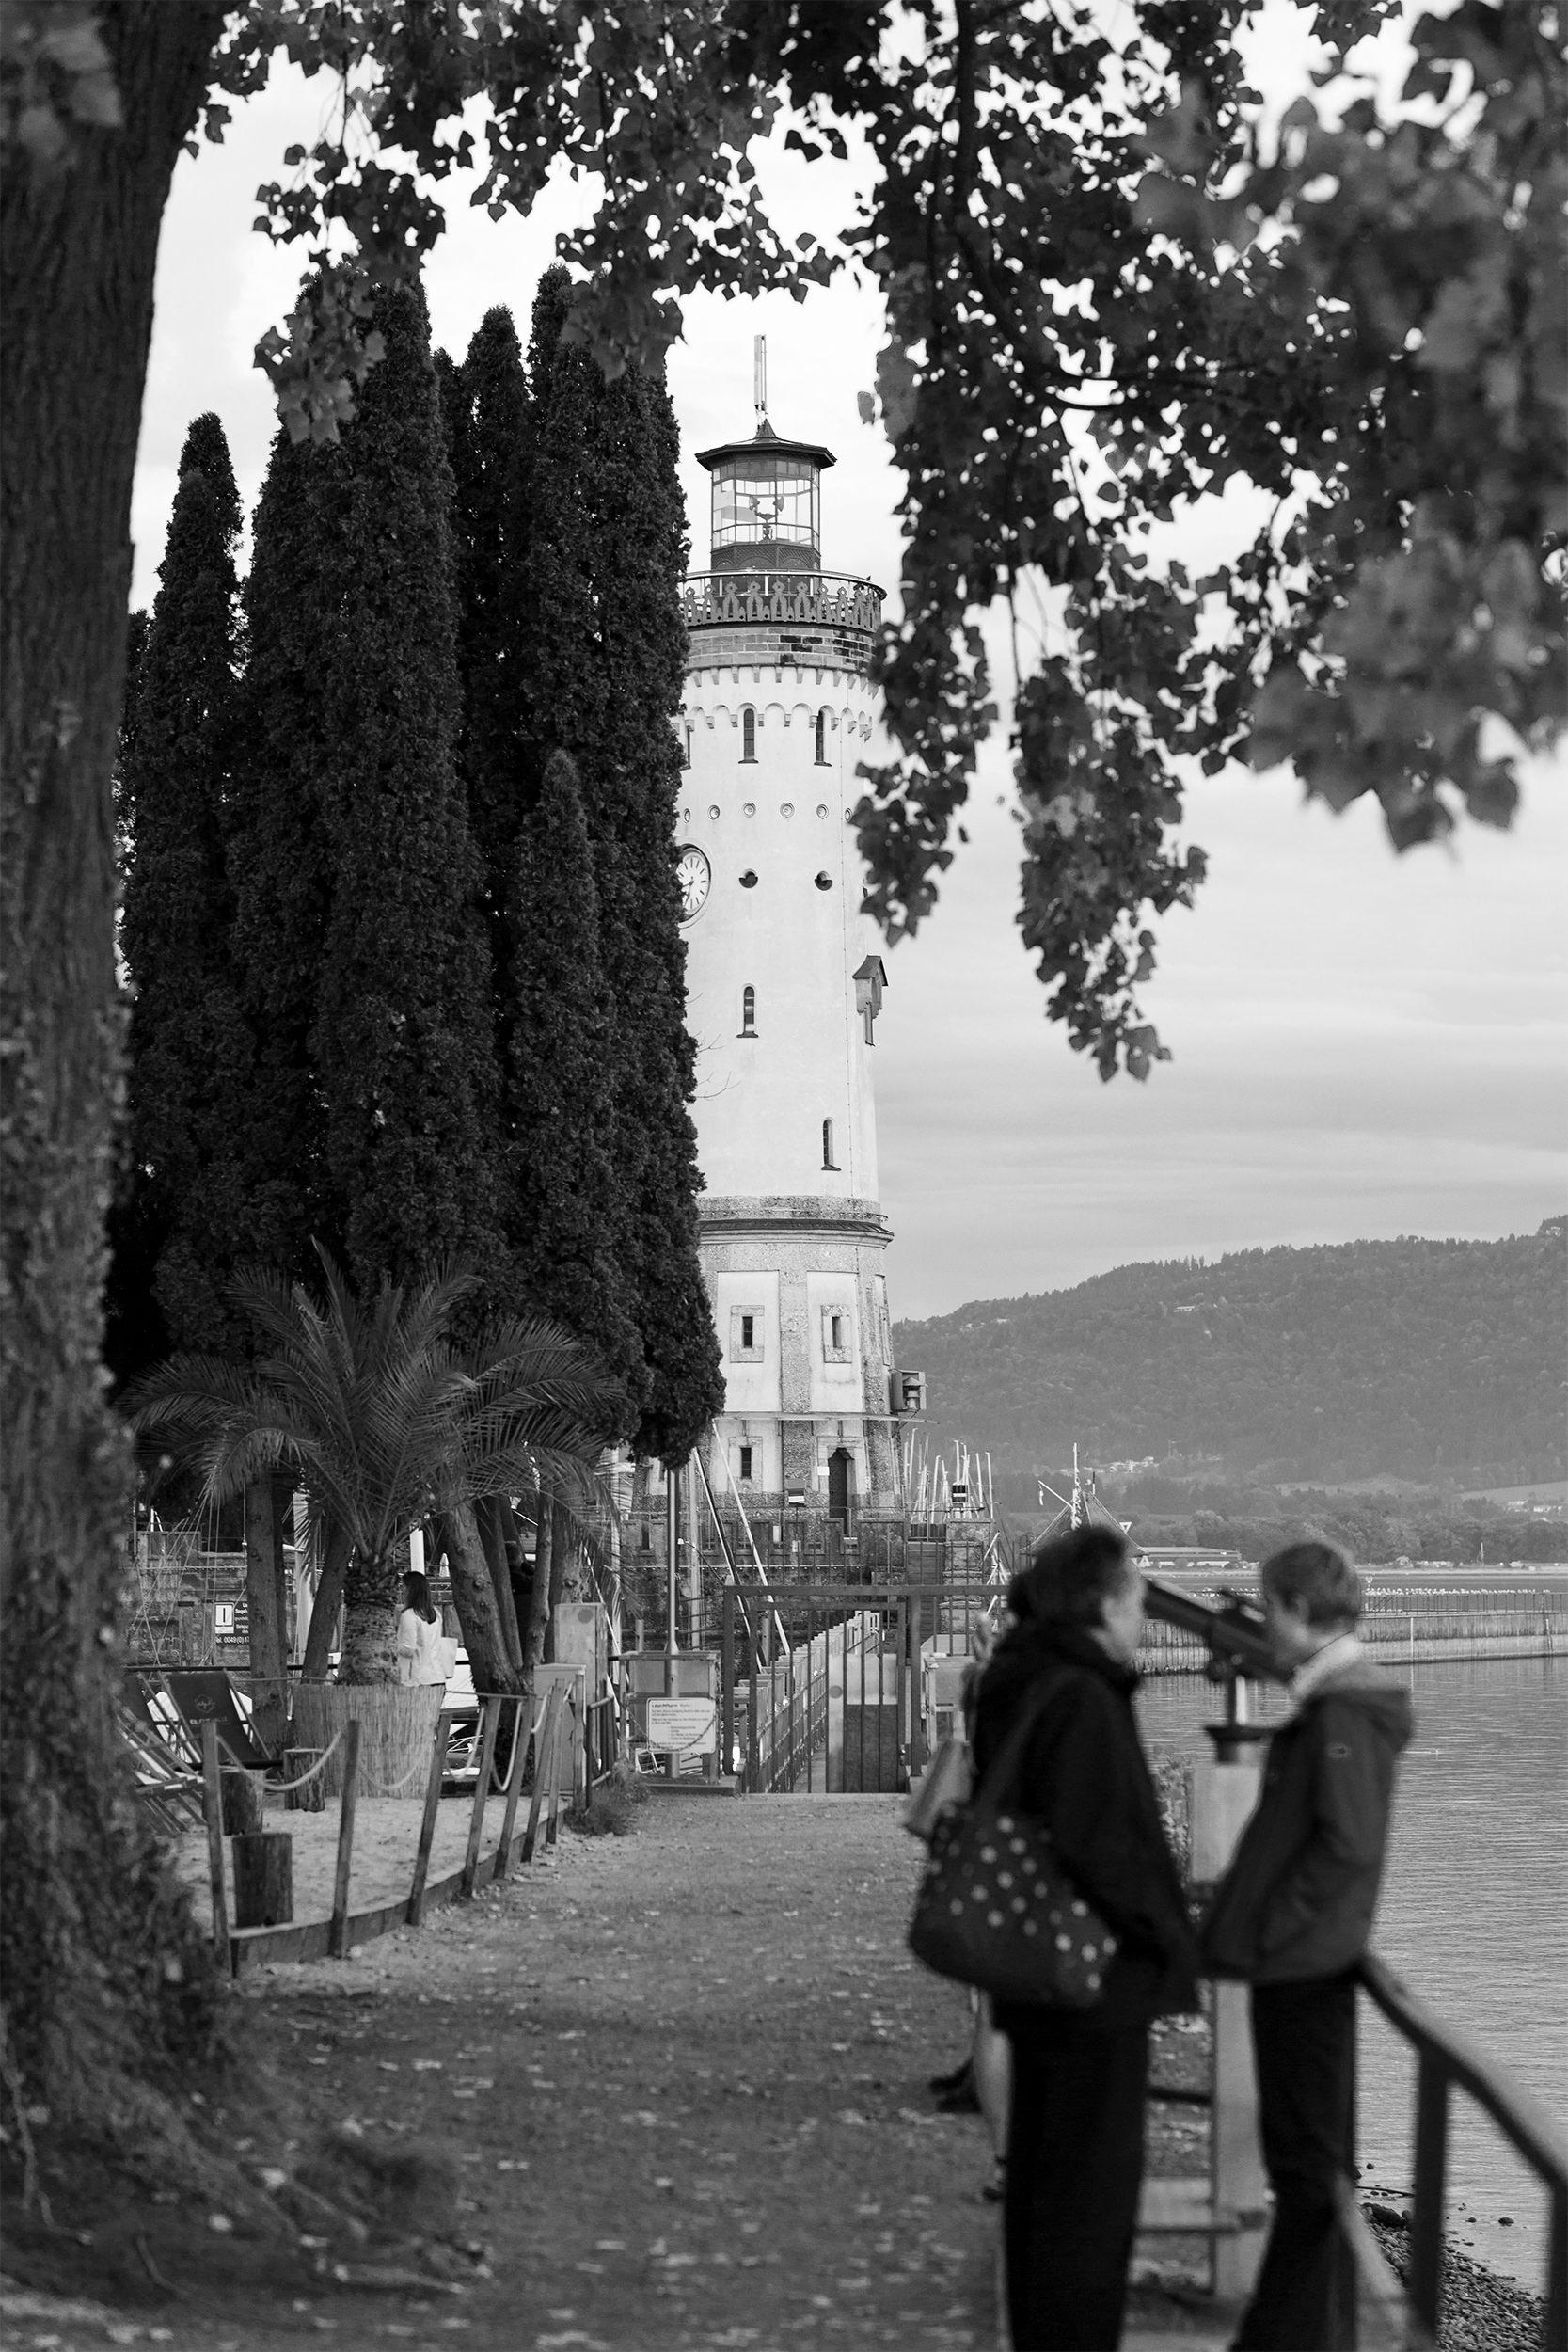 Der Leuchtturm am Lindau Hafen verdeckt von ein paar Bäumen.